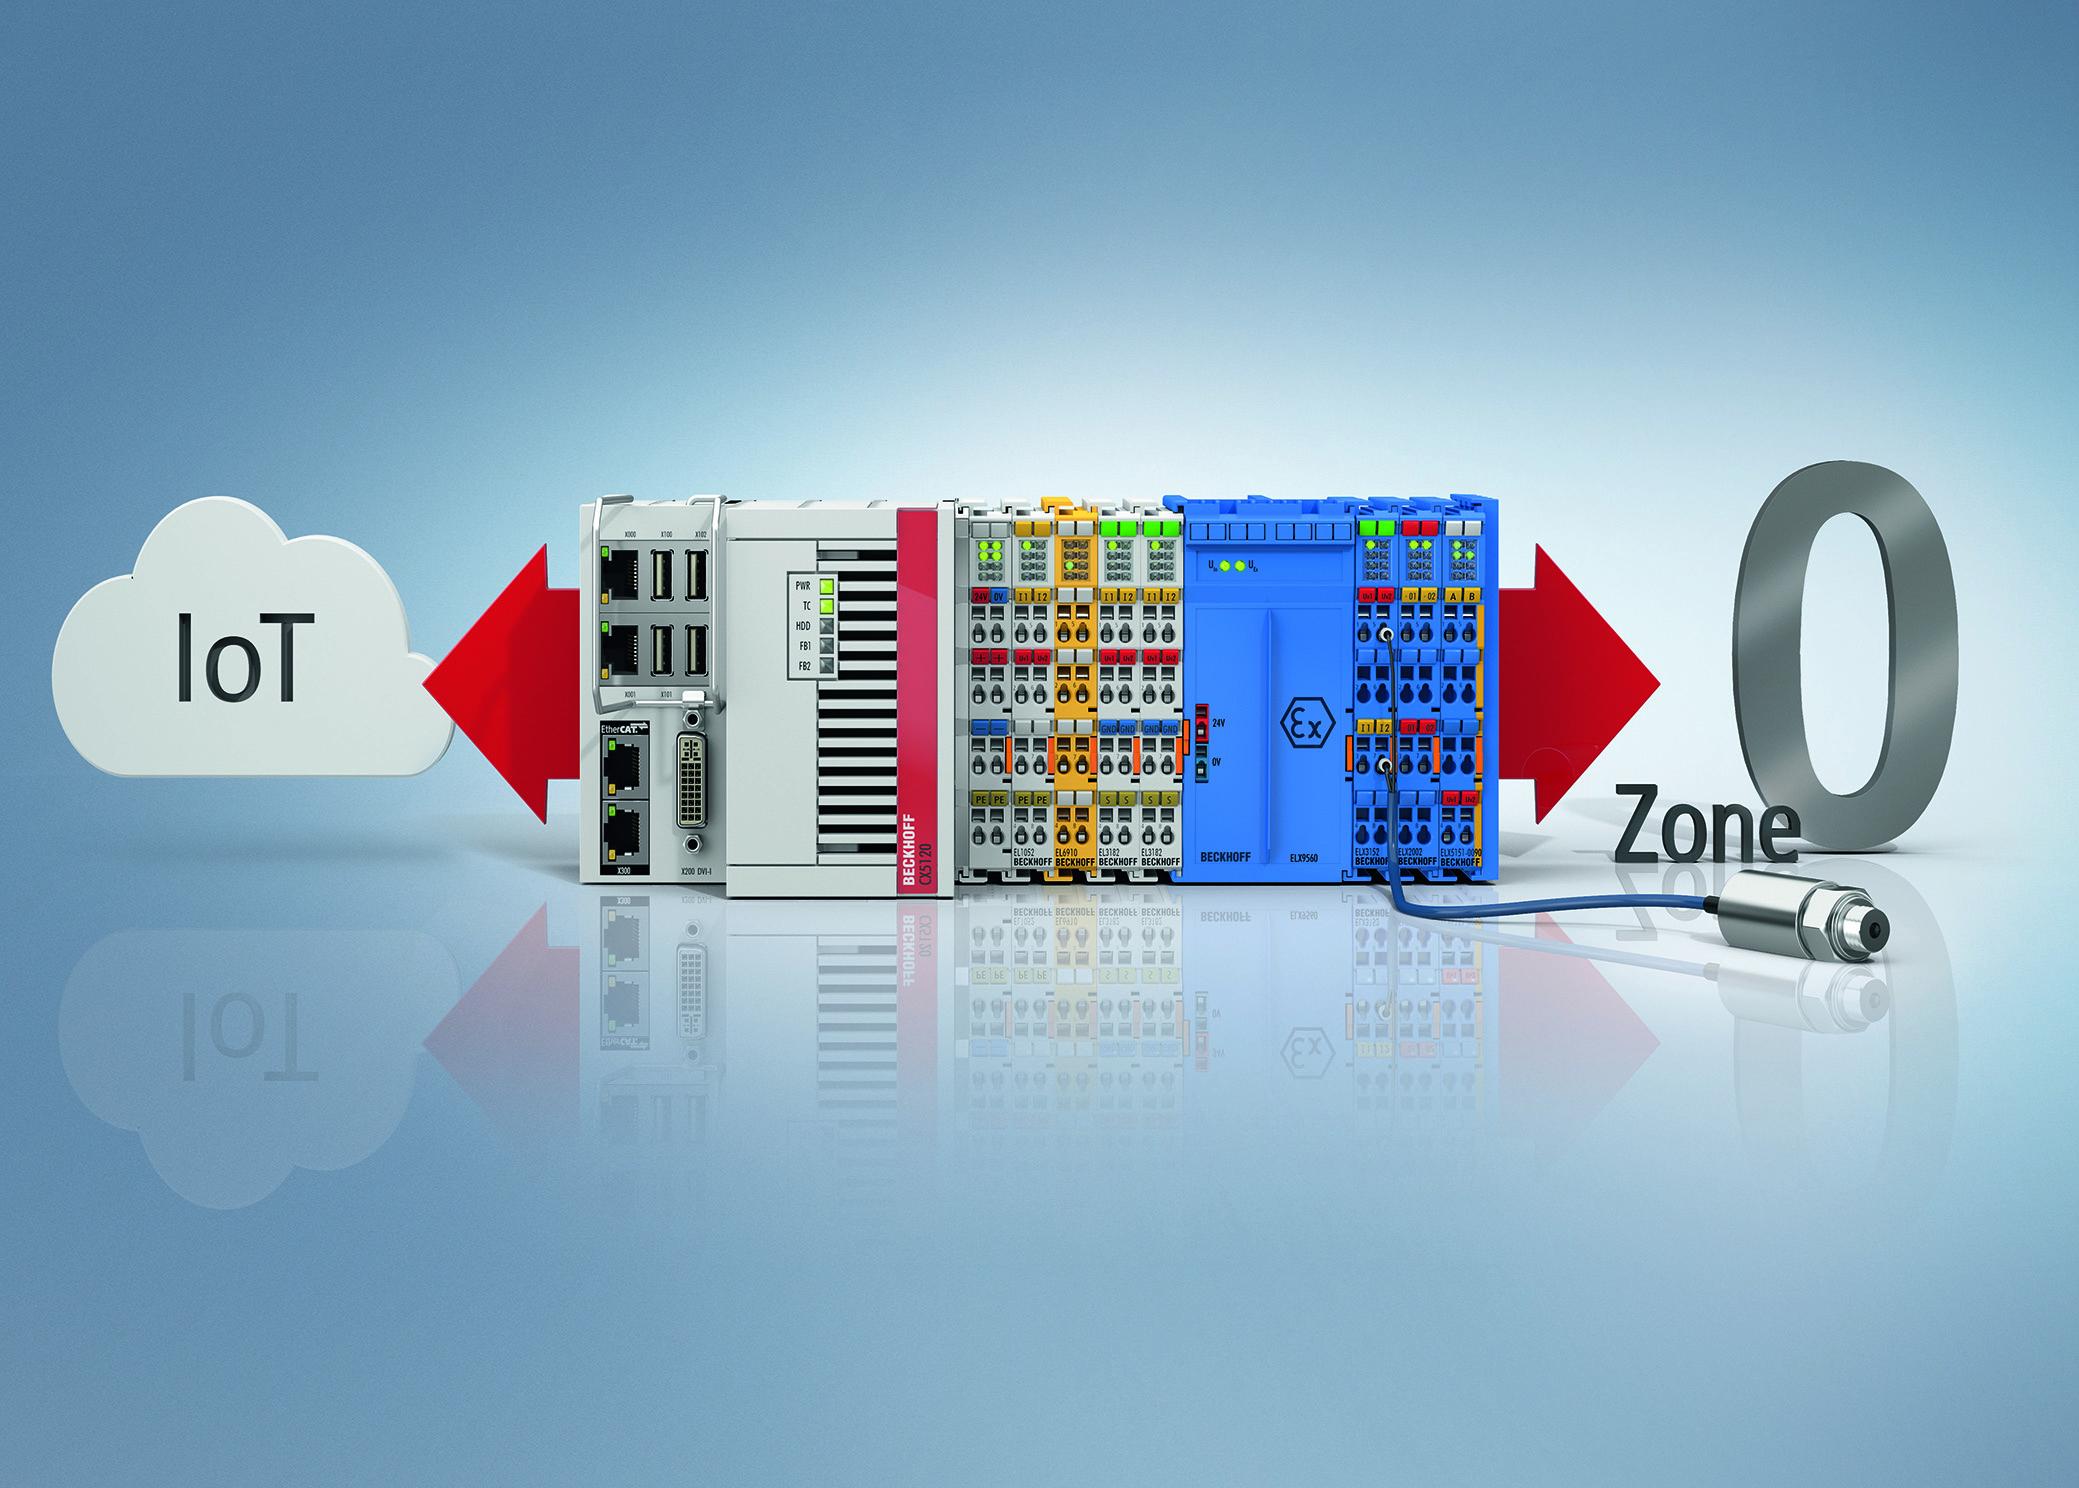 Mit PC-based Control lässt sich in der Prozessindustrie durchgängig eine barrierefreie Kommunikation umsetzen – vertikal von Zone 0 bis in die Cloud und horizontal auch über Unternehmensgrenzen hinweg.